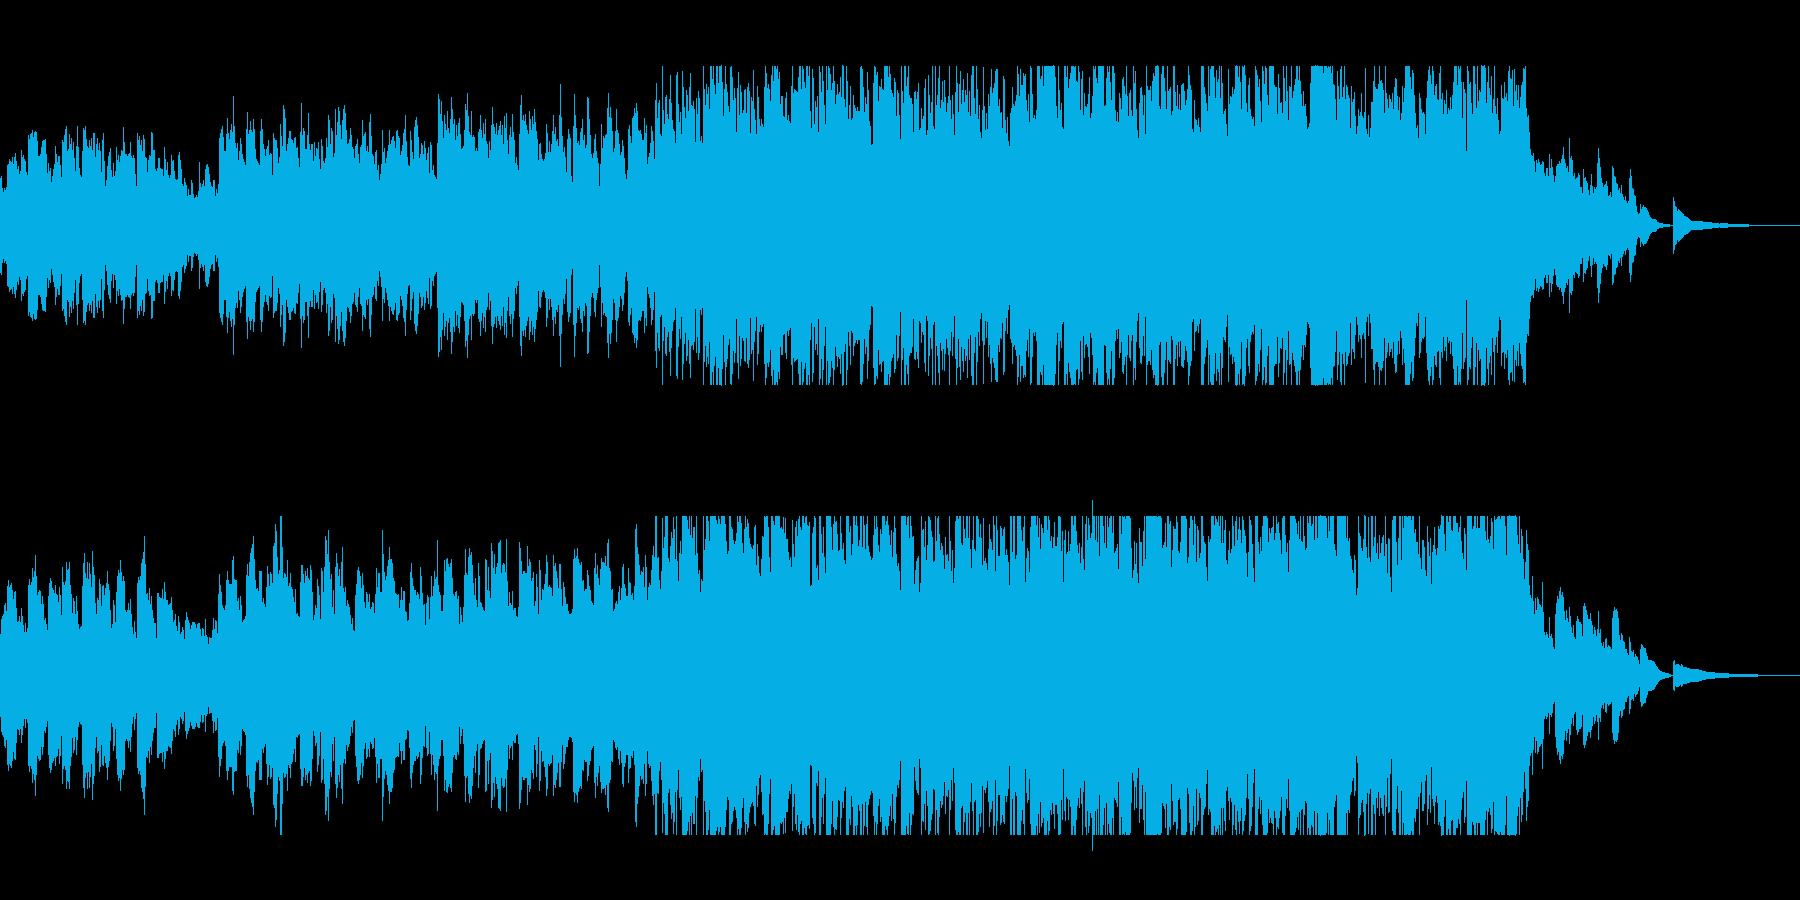 神秘的で透明感のあるピアノシンセサウンドの再生済みの波形